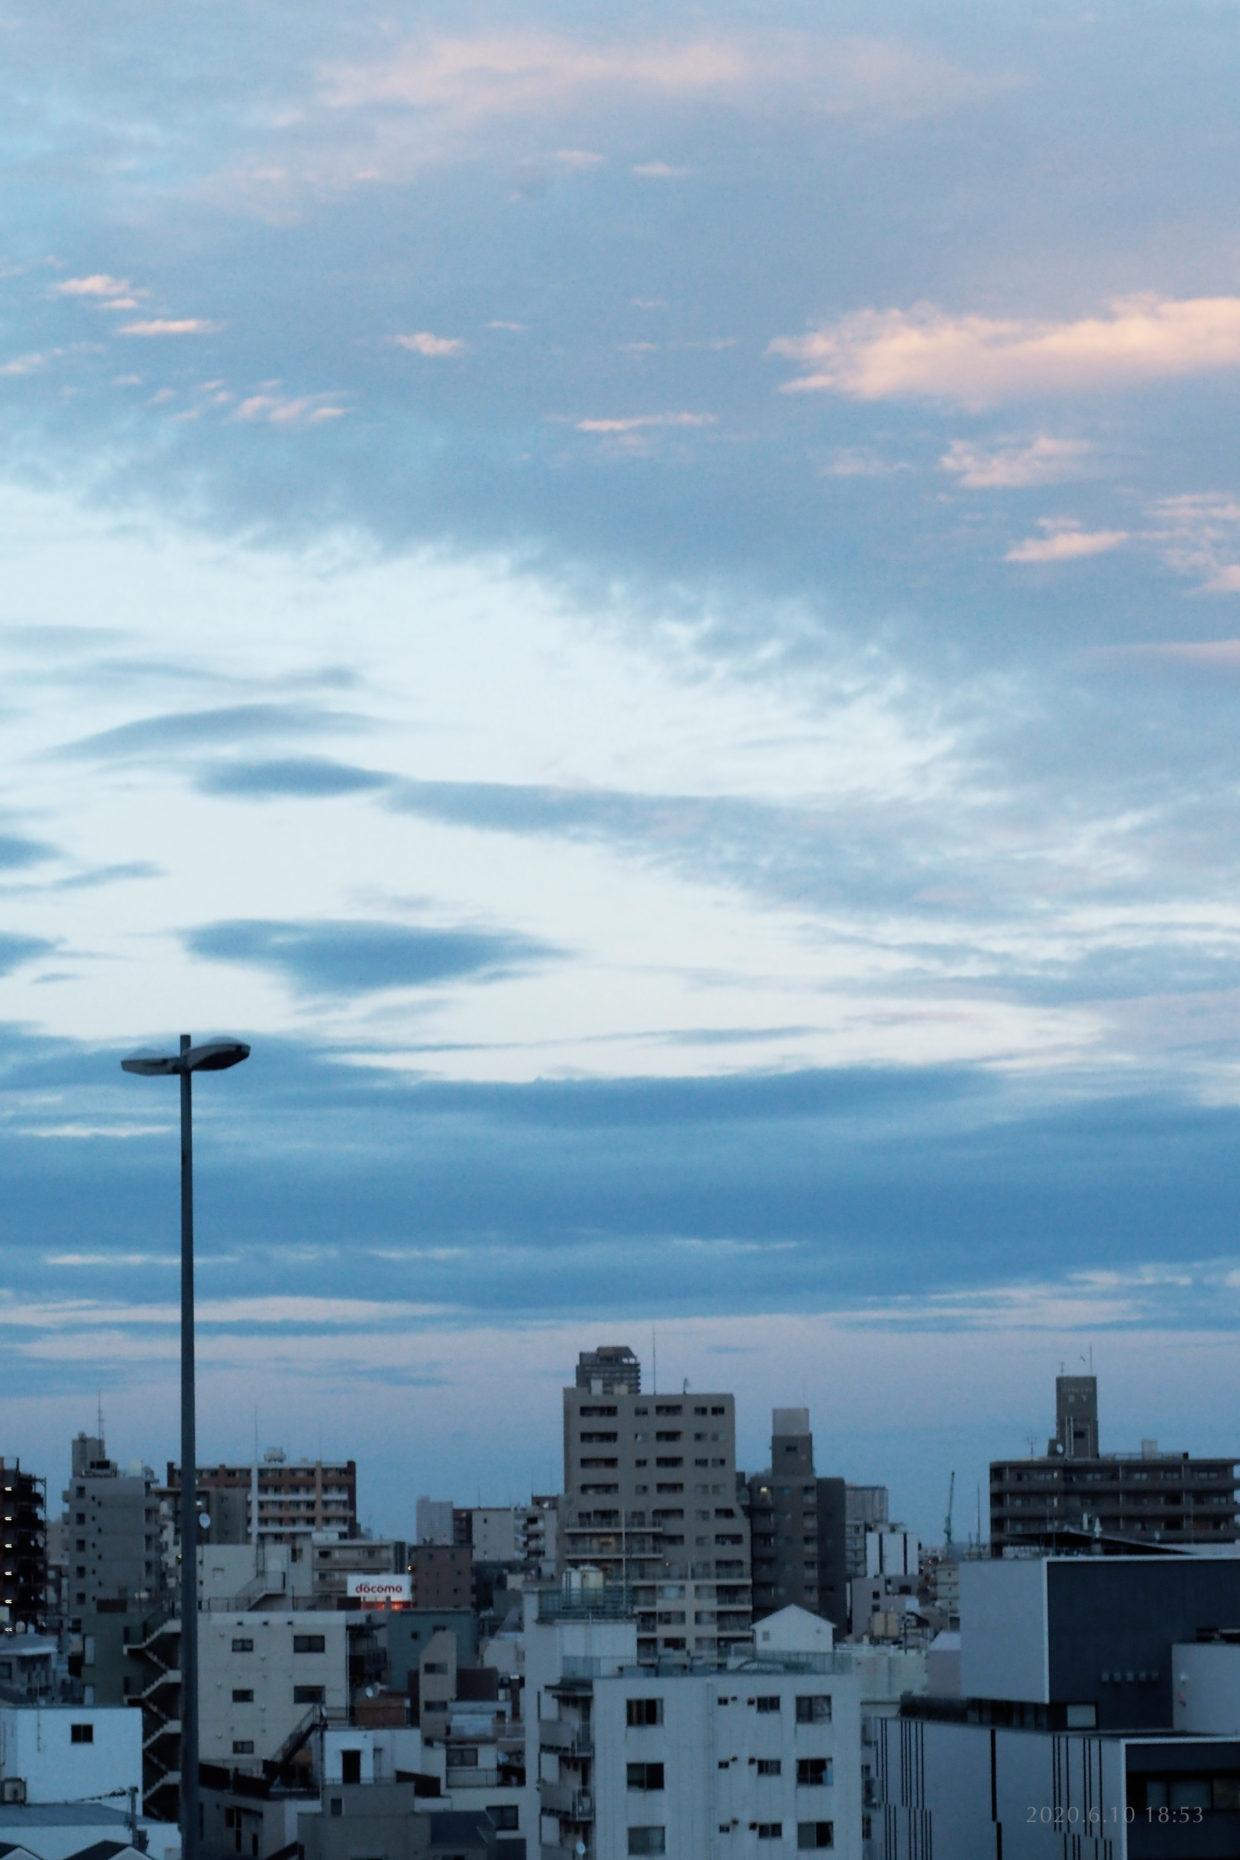 My skies 2020.6.10 18:53